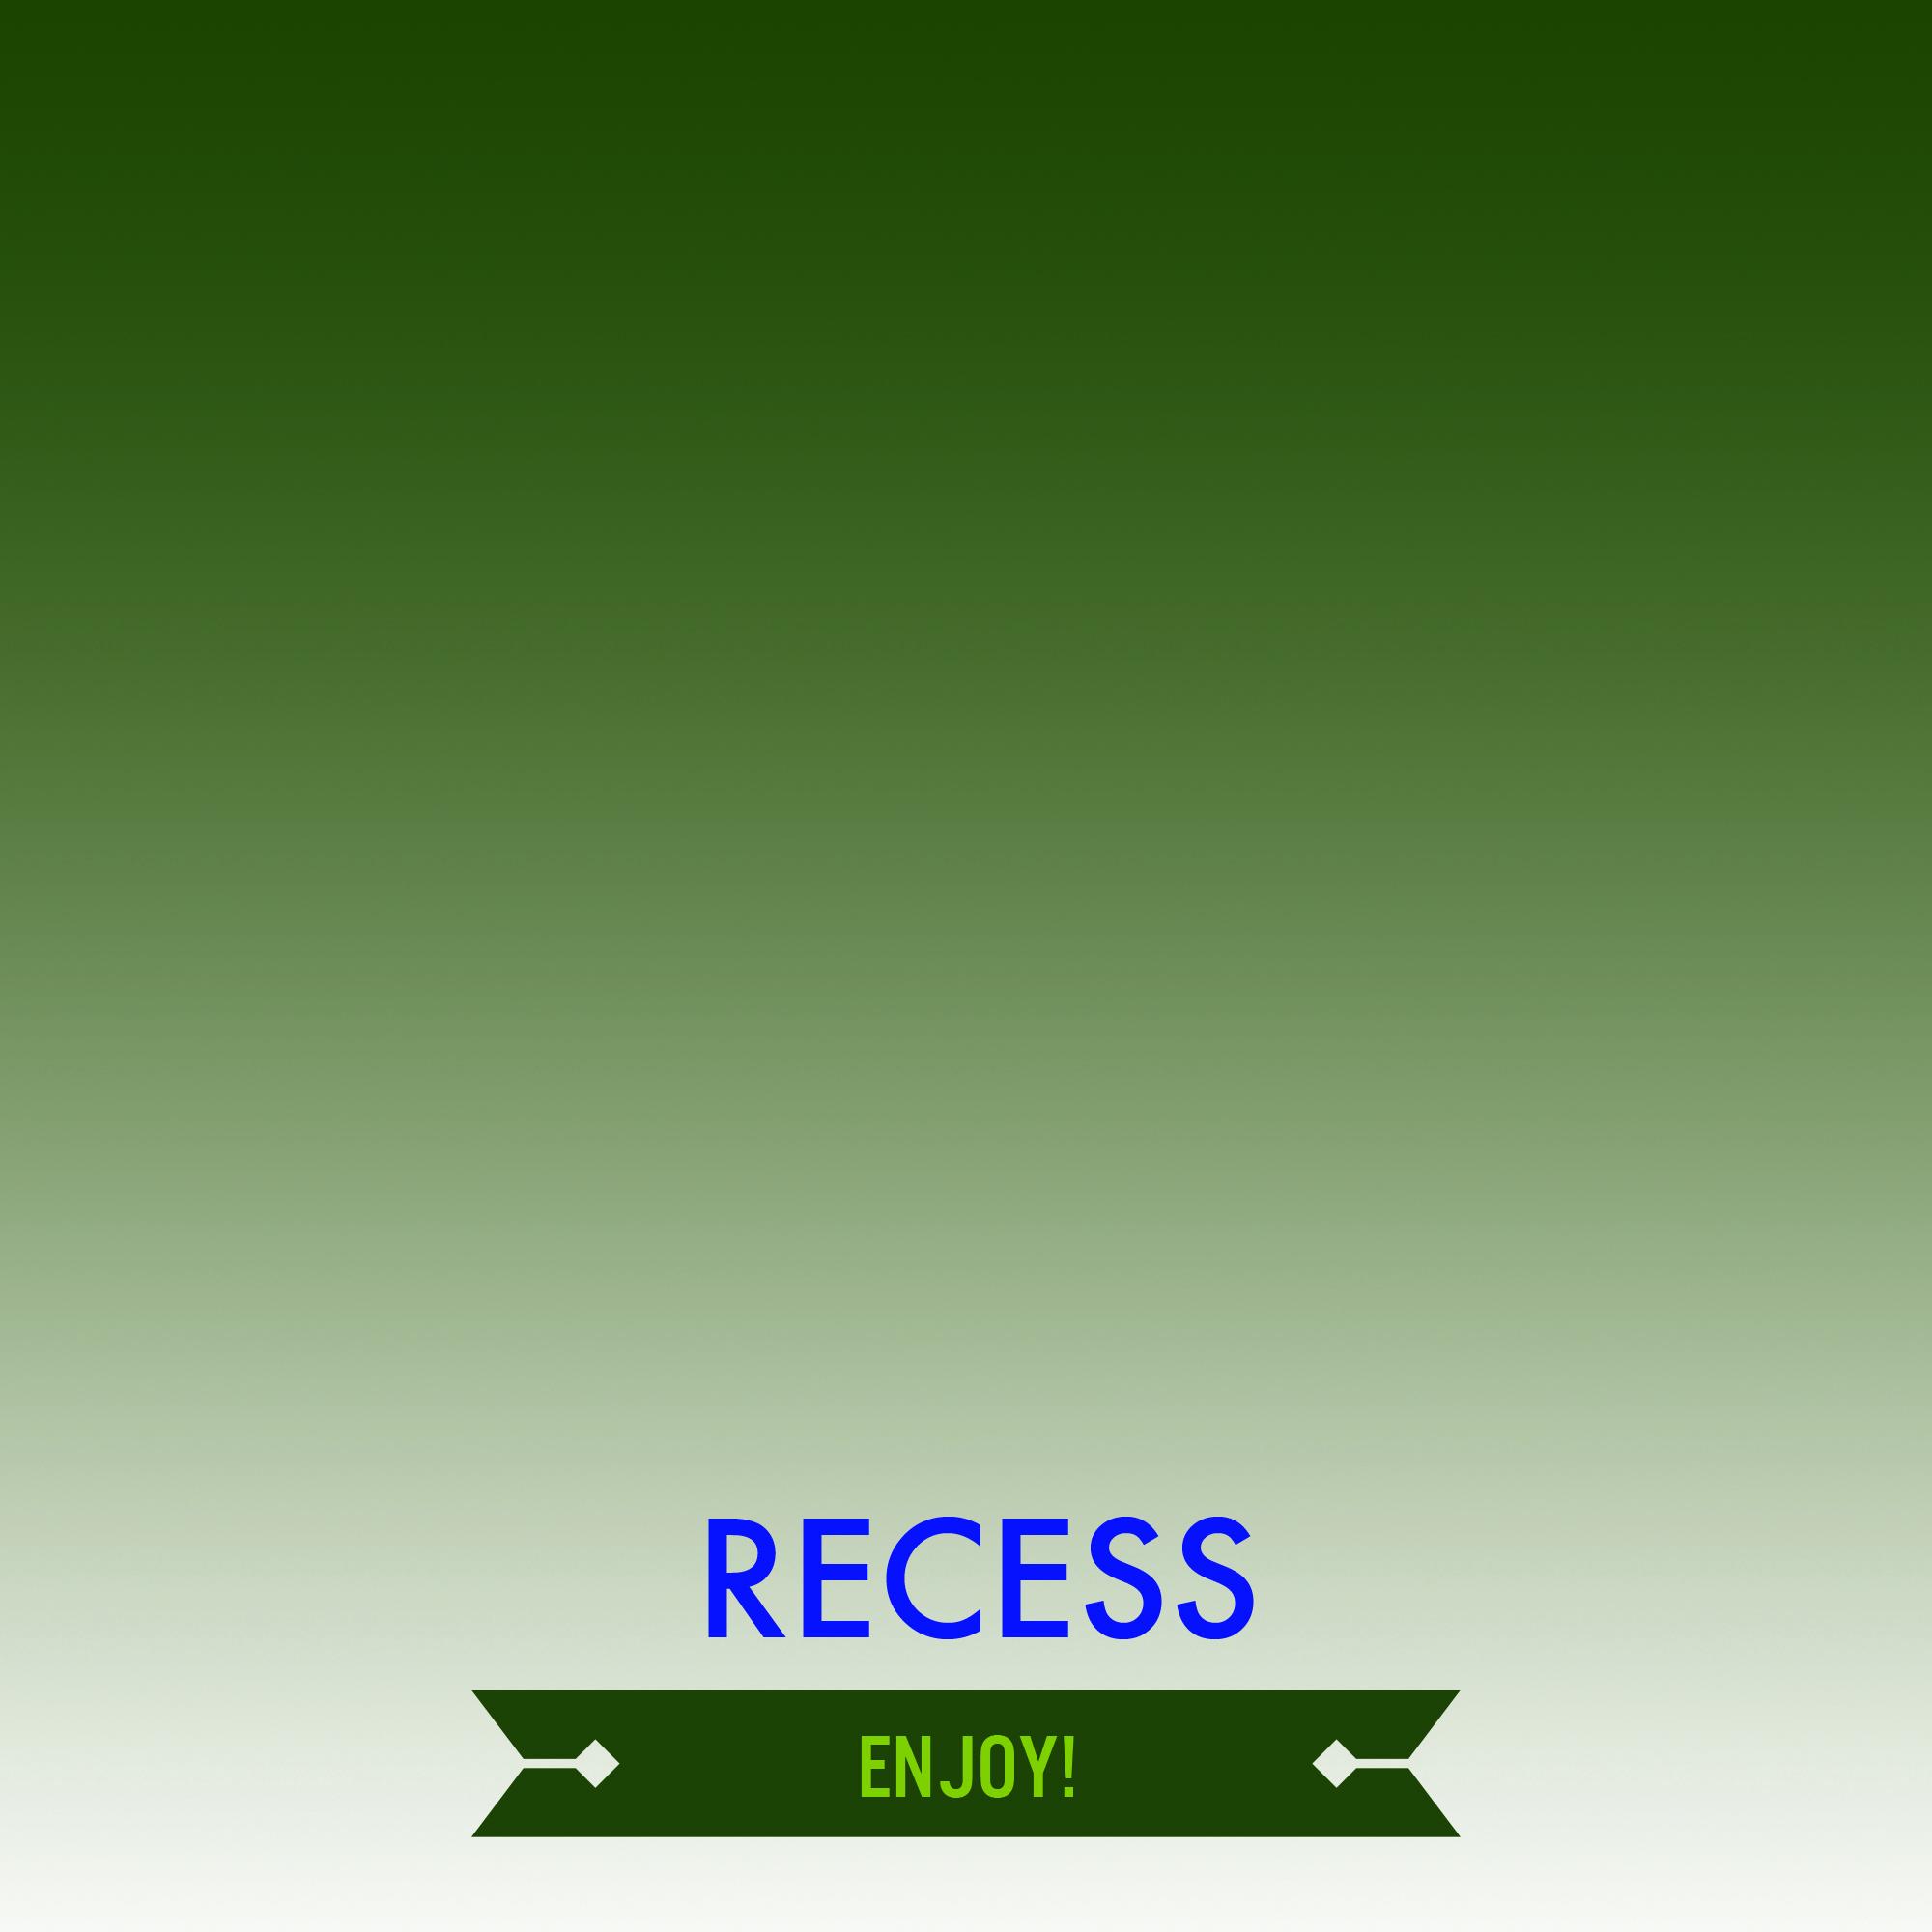 NEW RECESS.jpg